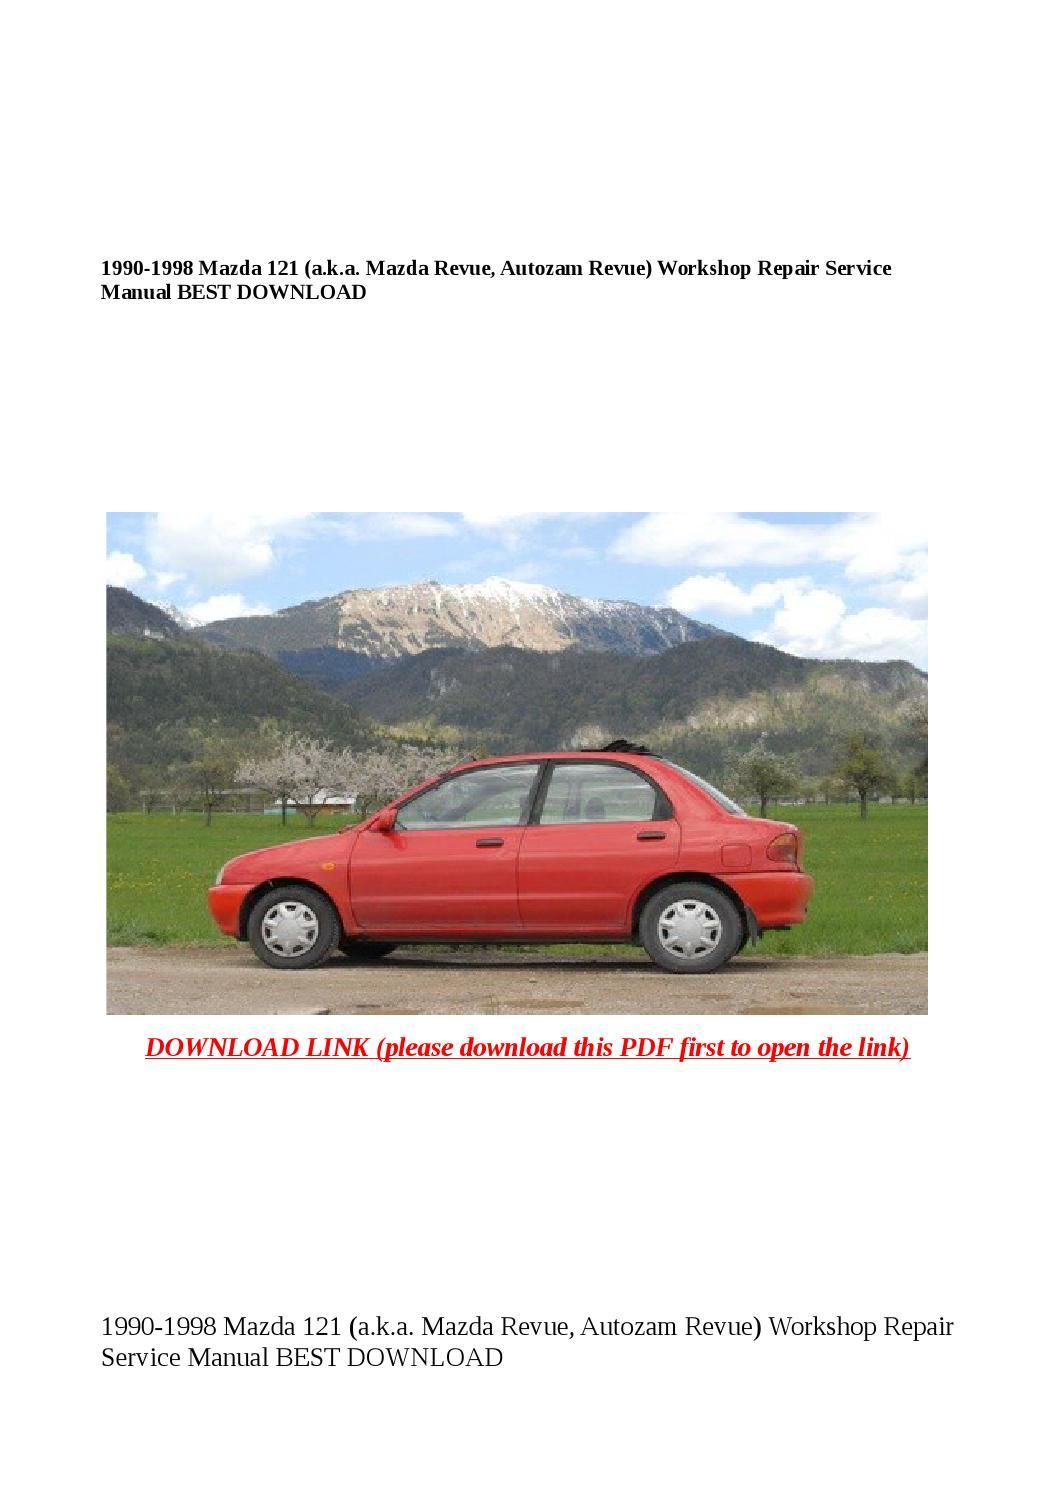 1990 1998 mazda 121 (a k a mazda revue, autozam revue) workshop repair  service manual best download by Dora tang - issuu